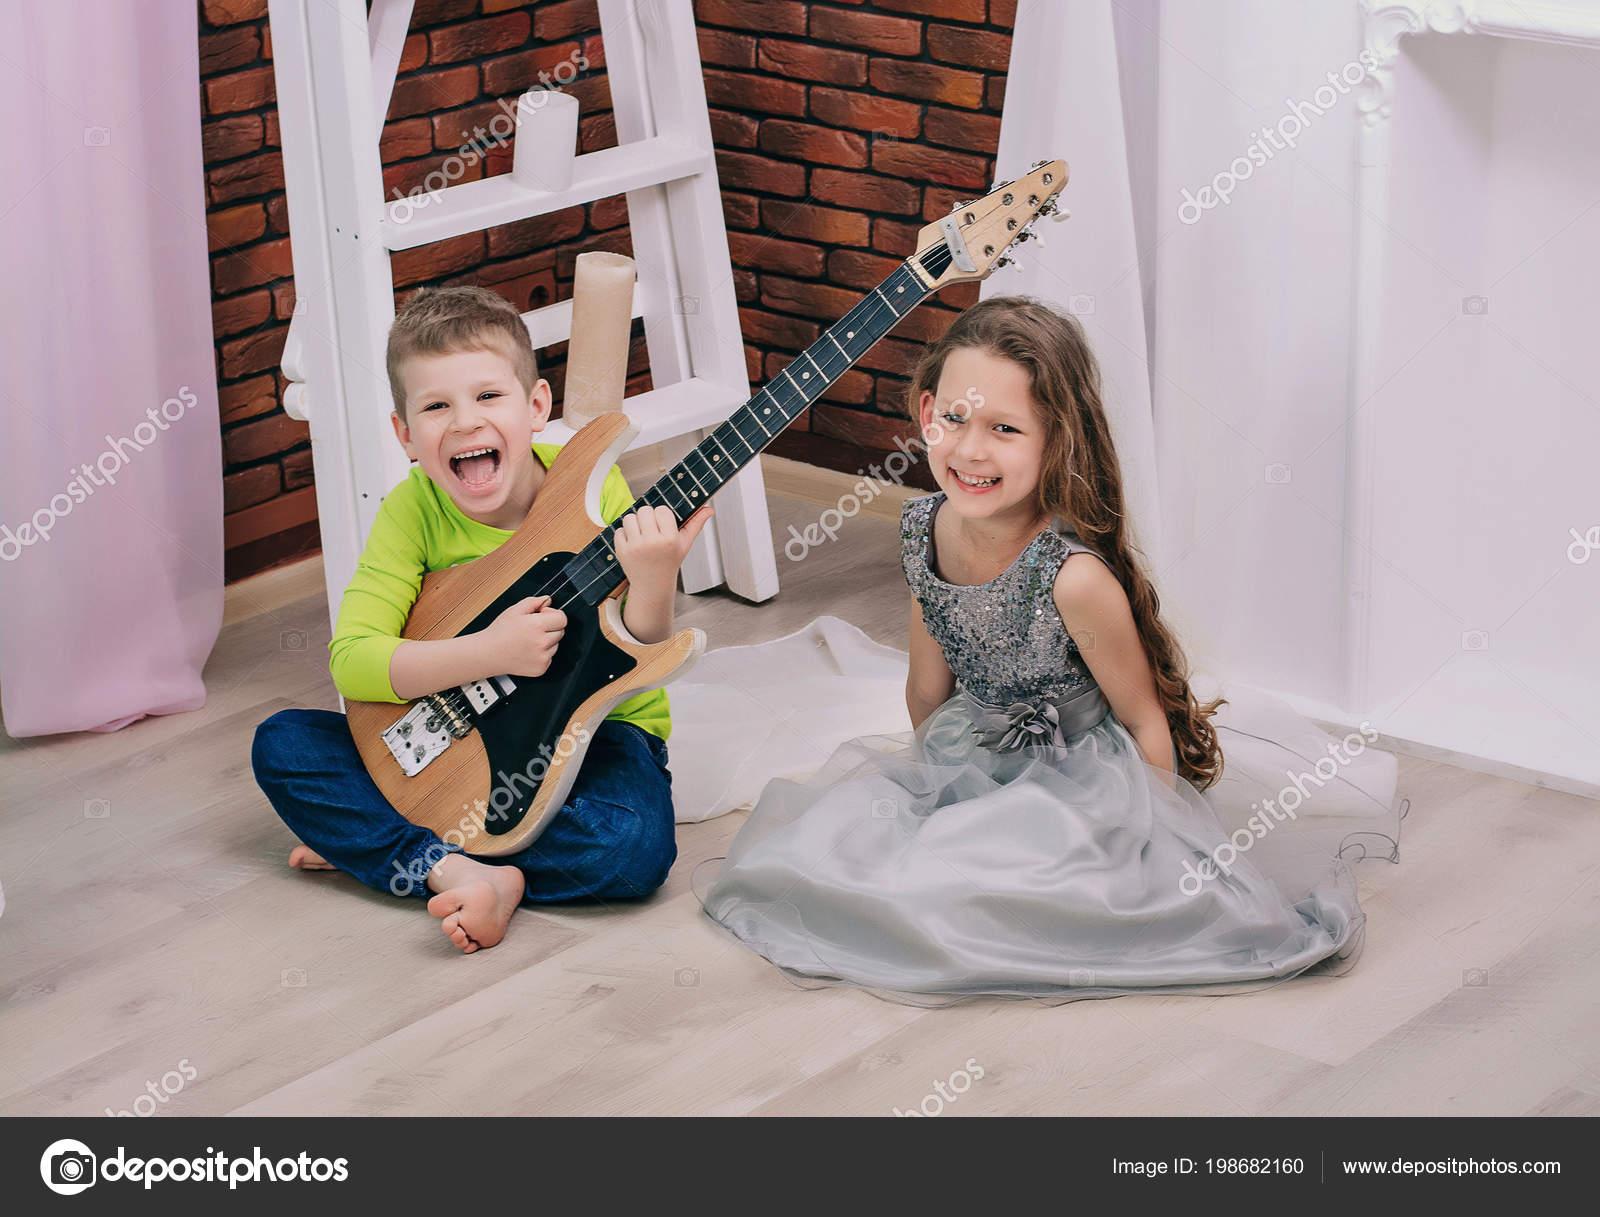 d5a033a470b Αγόρι Παίζει Κιθάρα Για Κορίτσι Παιδιά Παίζουν Φωτεινό Δωμάτιο ...